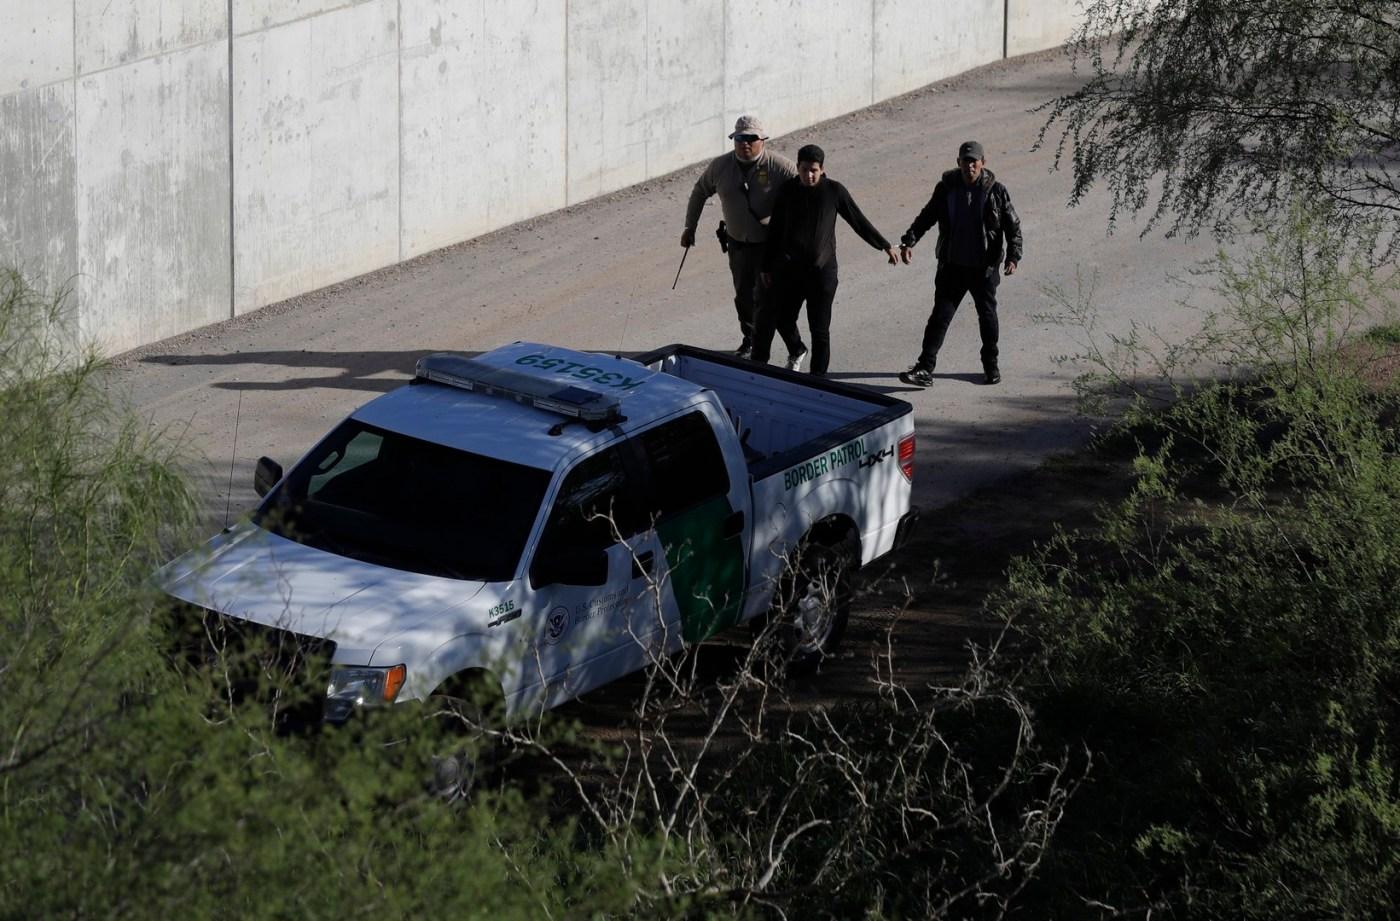 Gobierno de Trump ignorará leyes ambientales para construir muro fronterizo con México. (AP, Archivo)